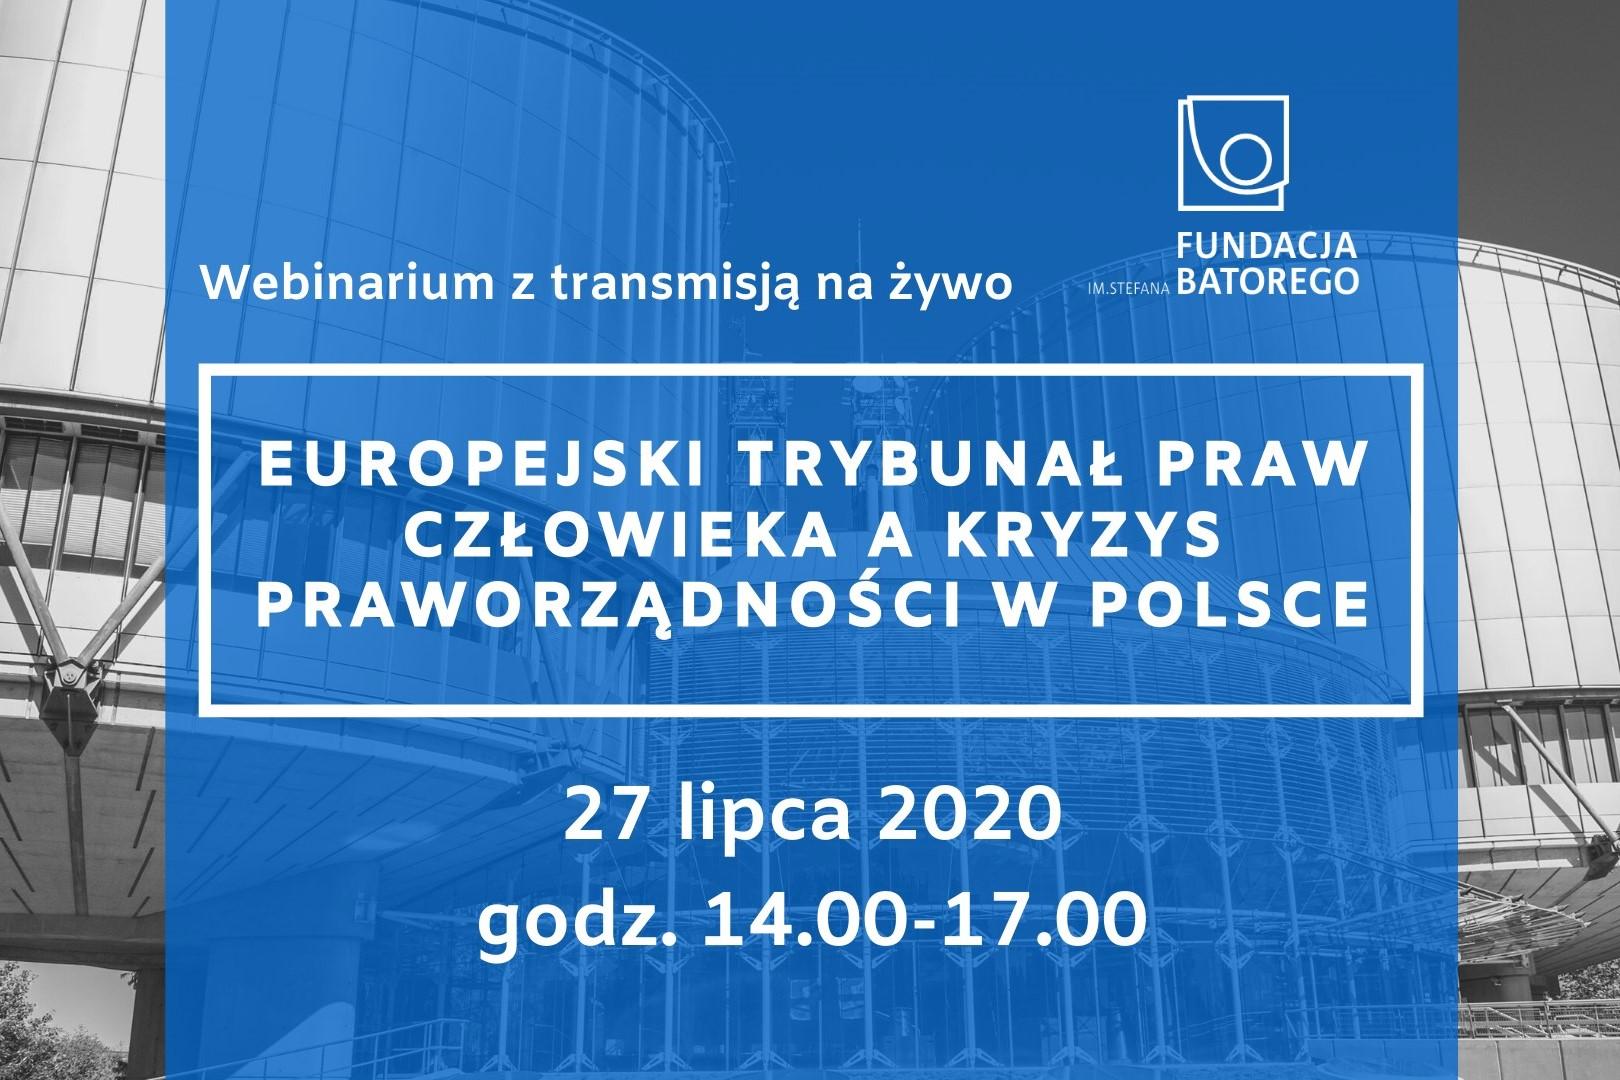 Niebieski plakat wydarzenia ze zdjęciem trybunału